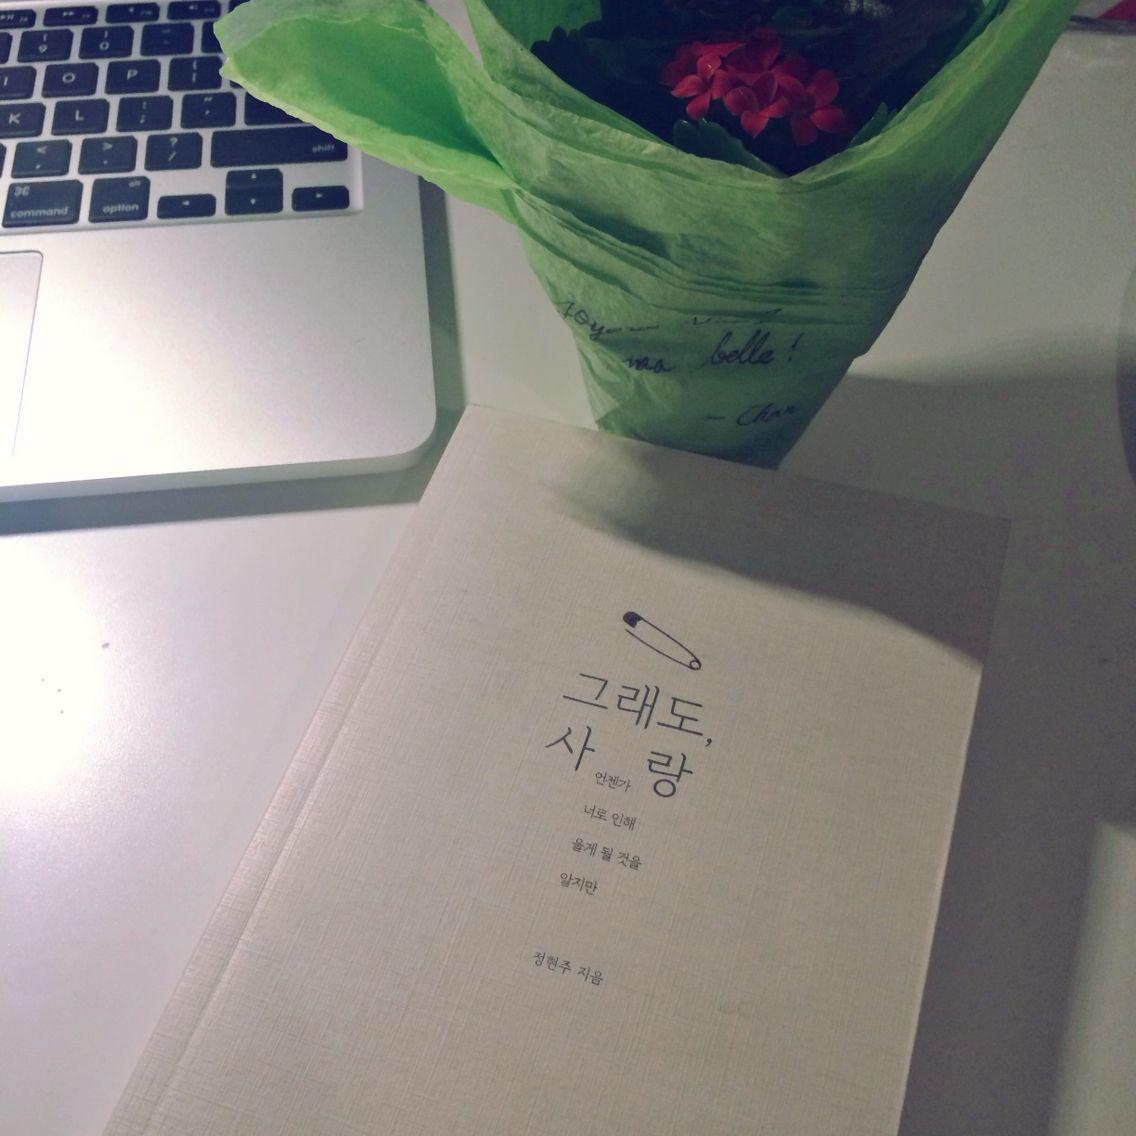 <2016/01/06> 그의 집에서 가져온 책이다. 하지만 이 책을 읽으며 그 보다 제이를 더 그리게 됐다. 그는 종종 내가 그토록 사랑하는 싱가포르에 함께 가자고 말하곤 한다. 제이가 있는 싱가에...이 지독한 놈을 정말 훌훌 털어 버릴 때쯤 그의 손을 잡고 이스트 코스트 해변을 함께 걷고 싶다. 3년 전. 2년 전. 1년 전. 제이로 힘들때마다 혼자 걷고 또 걷던 그 길을 그와 함께 다시 걷길 바란다// 사랑은 매번 힘들지만. 나는 이렇게 또 다시 그 힘듬걸 시작하려 한다//그래서 이 책 제목도 (그래도,사랑) 인가보다.